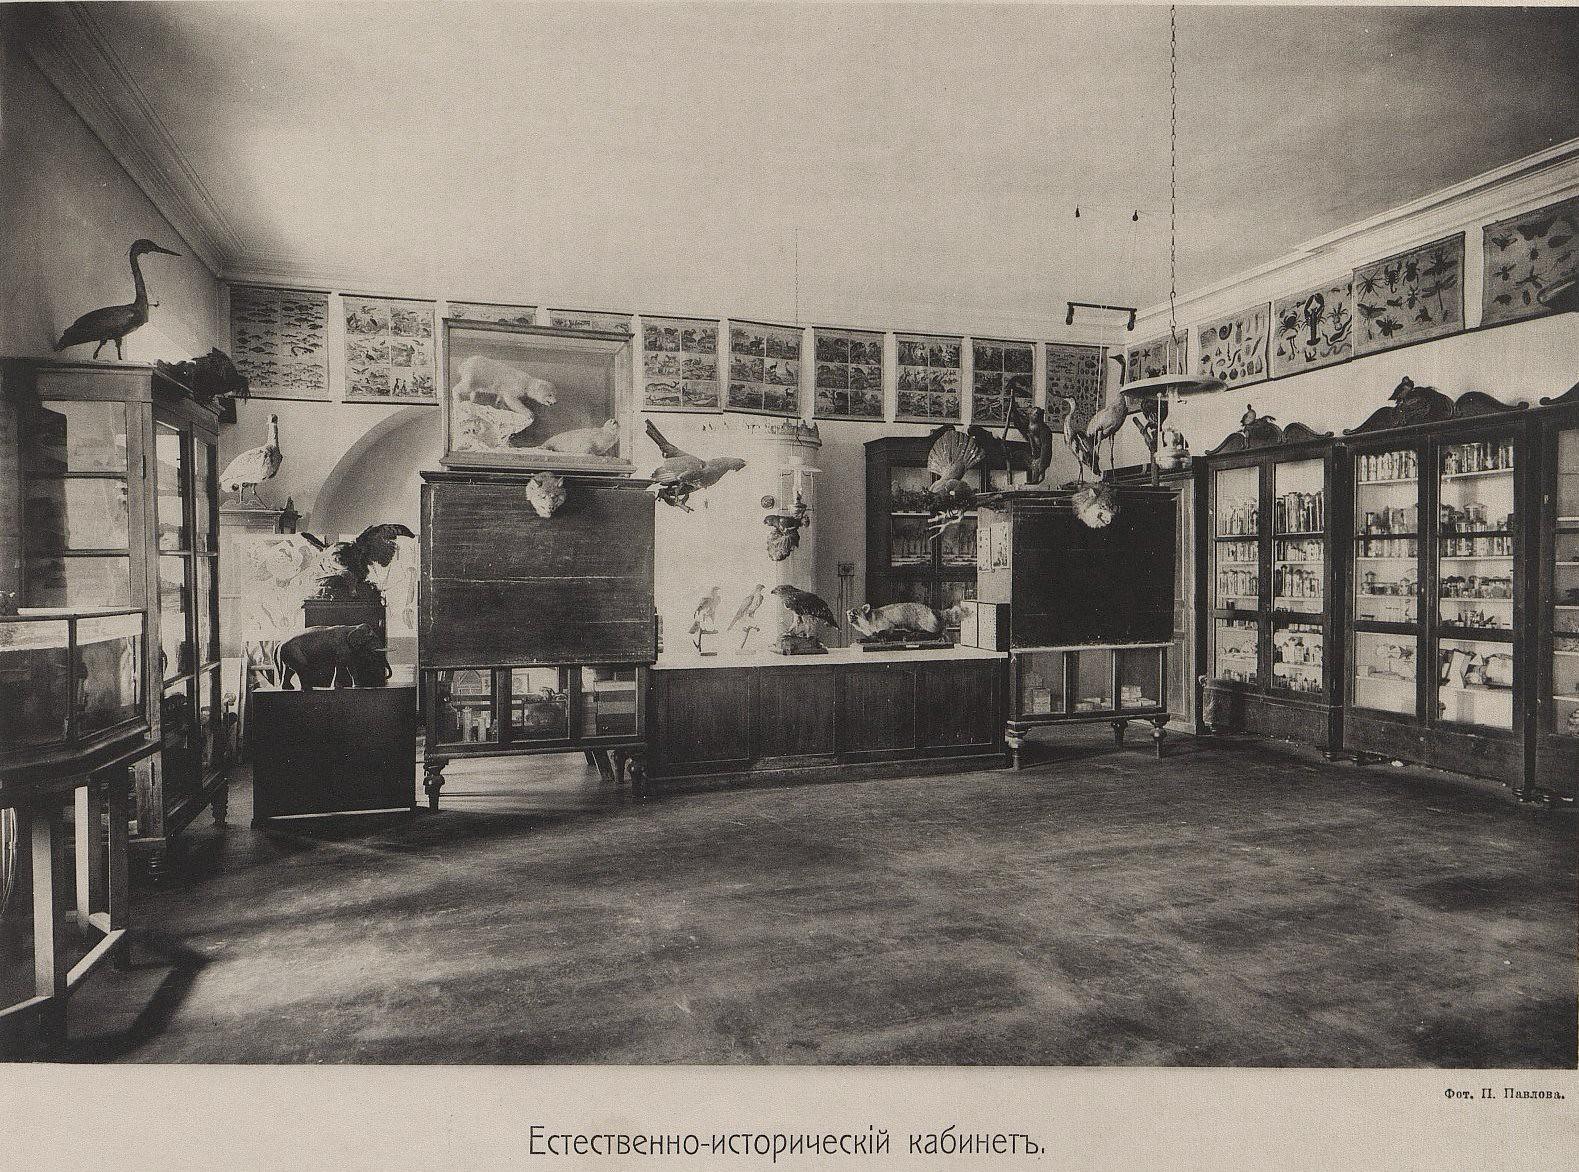 35. Естественно-исторический кабинет